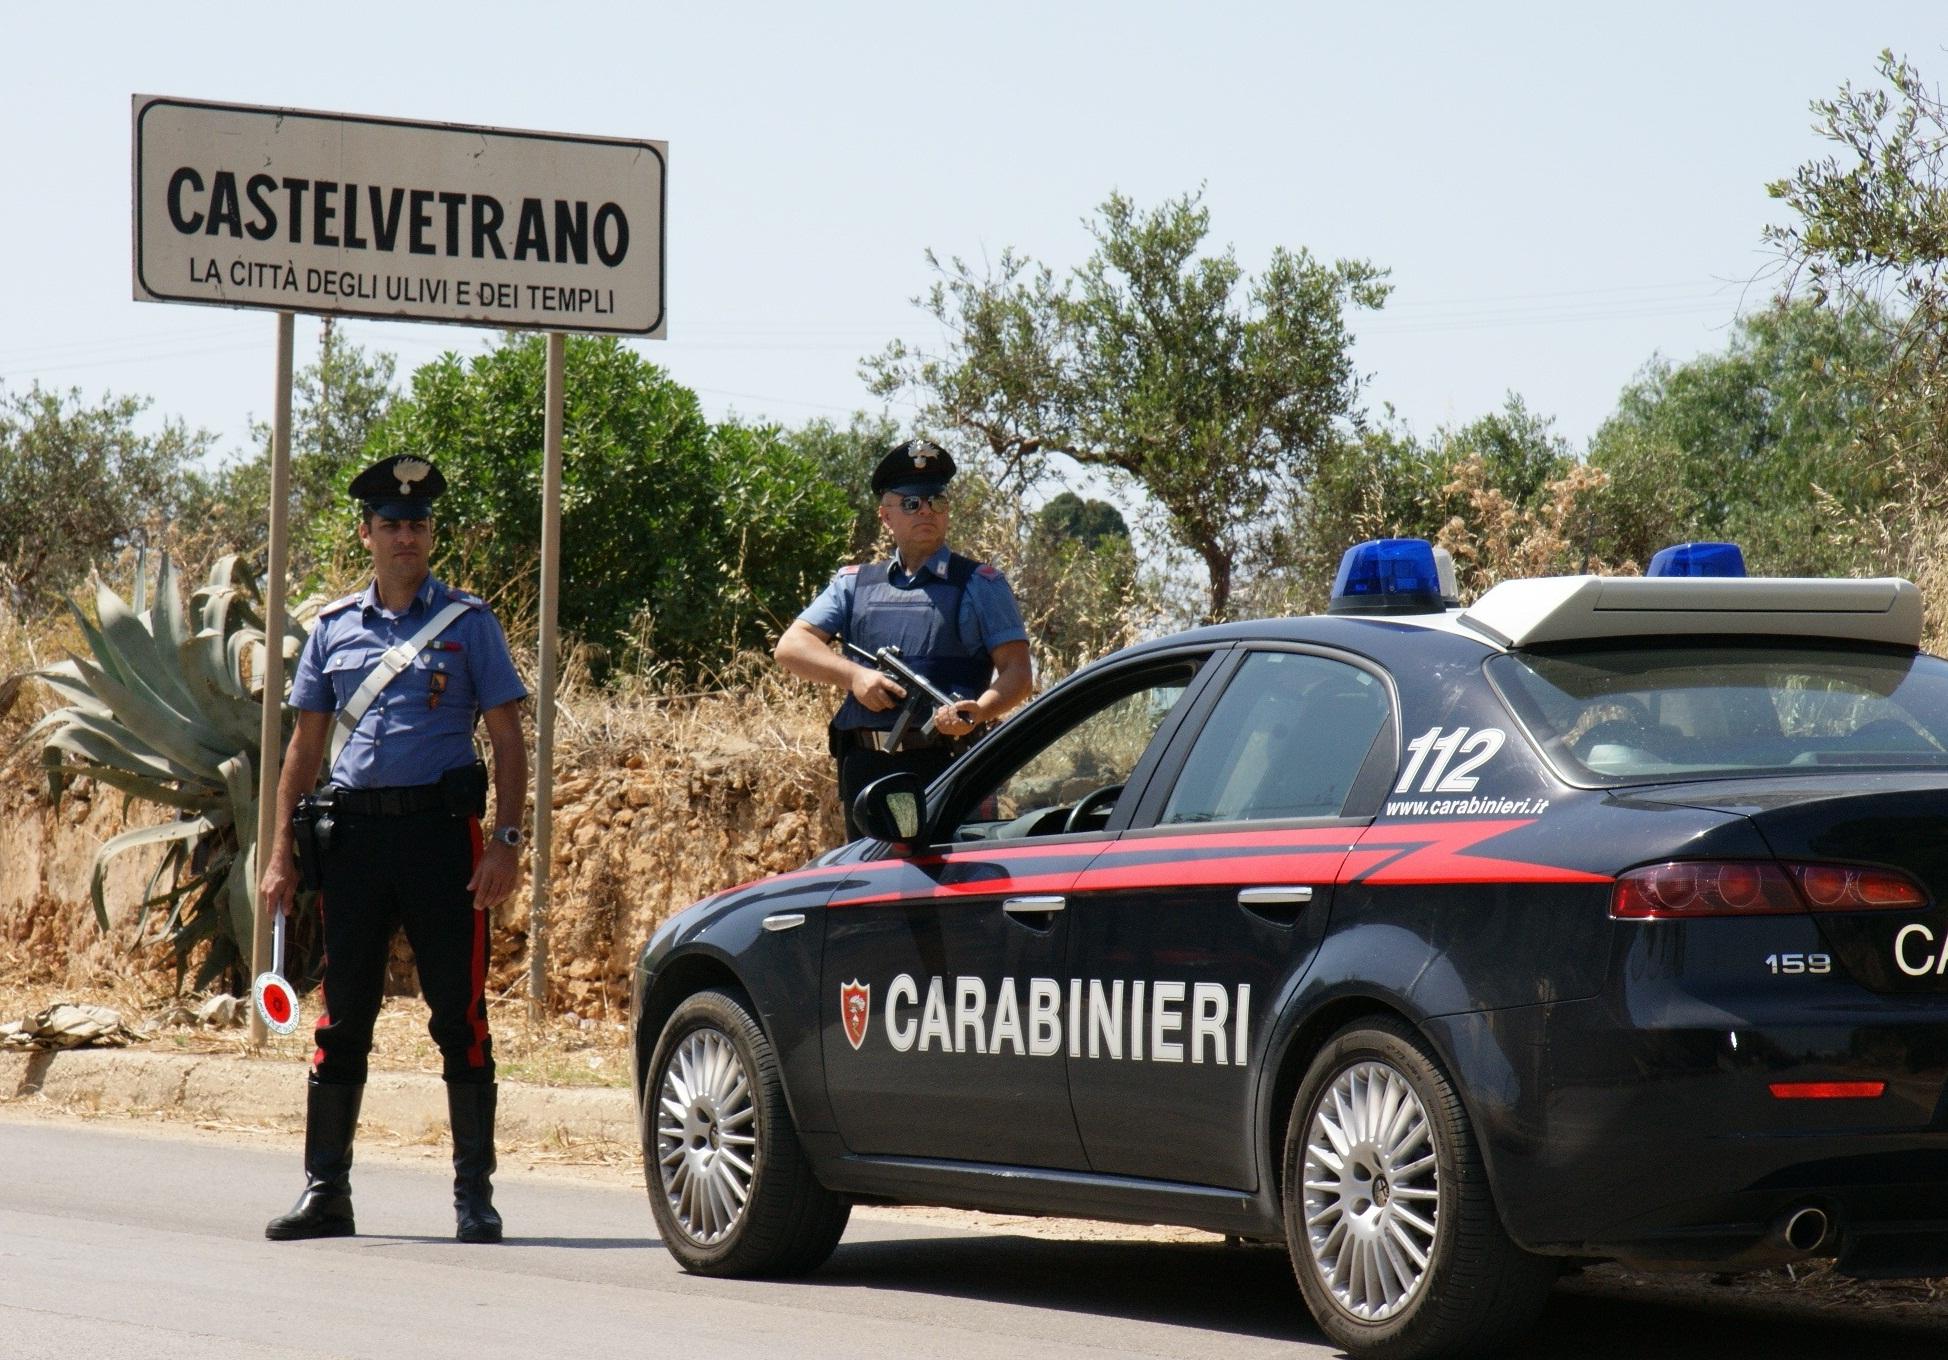 Viola il coprifuoco e tenta di infastidire la ex moglie: viene multato  dai carabinieri